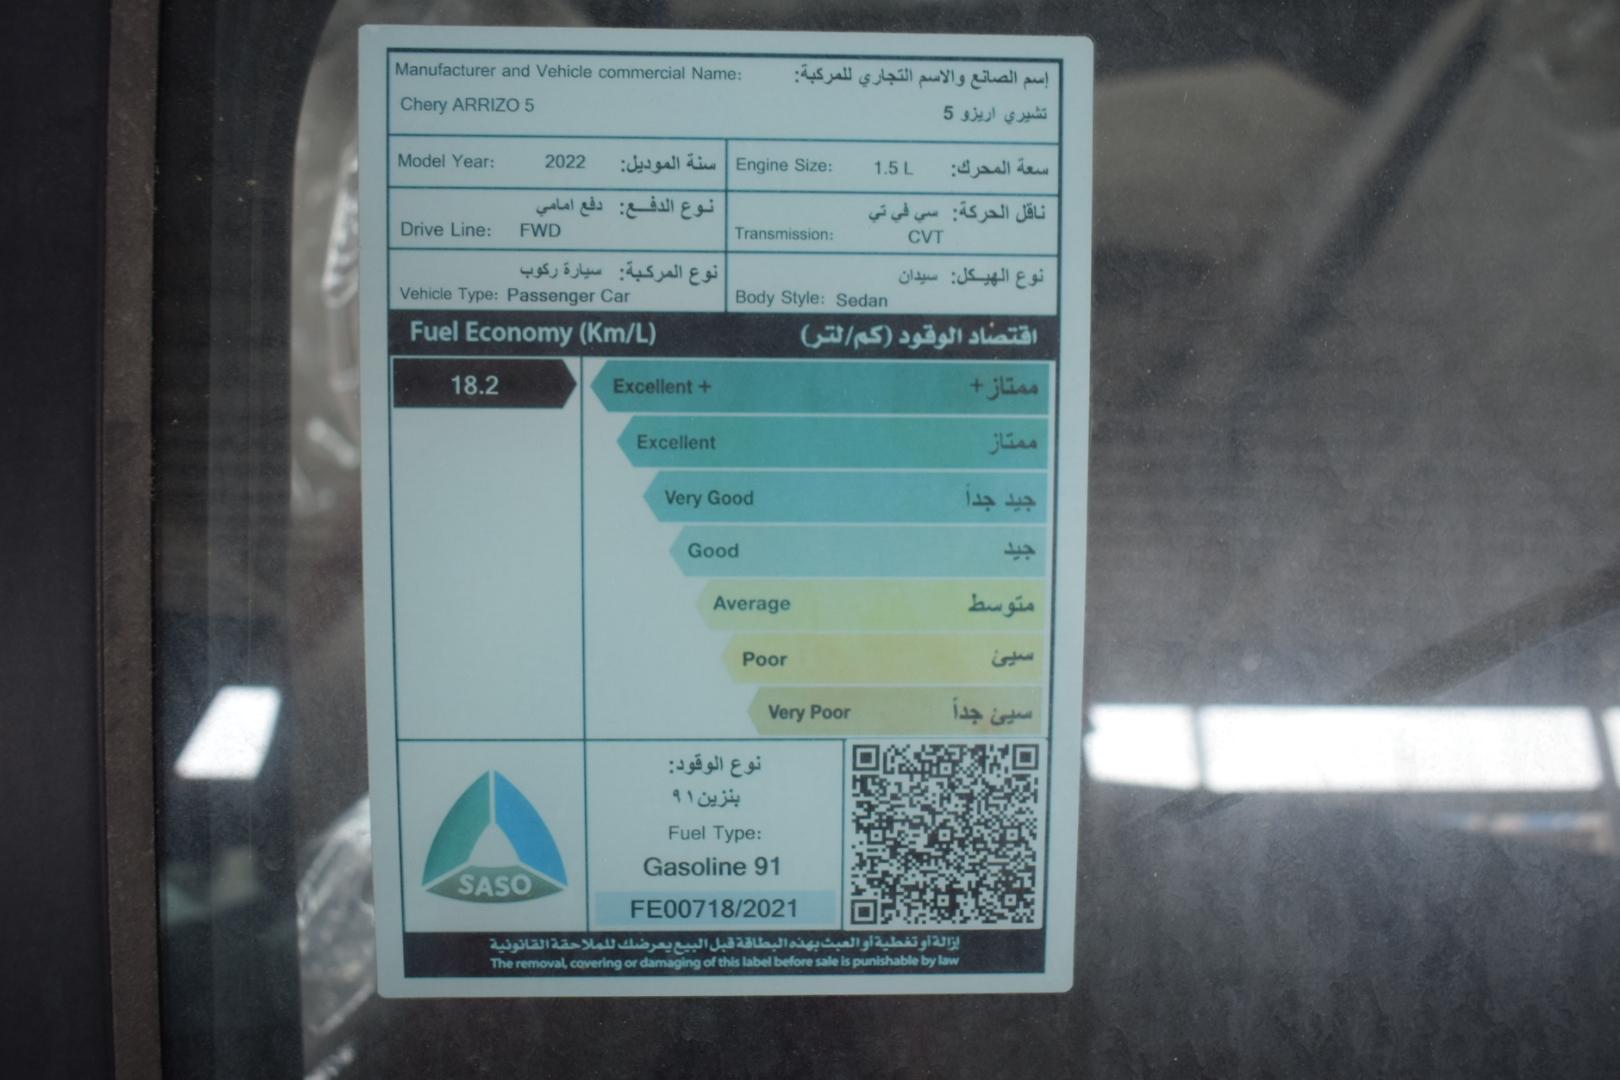 شيري اريزو 5 2022 ستاندر سعودي للبيع في جدة - السعودية - صورة كبيرة - 10